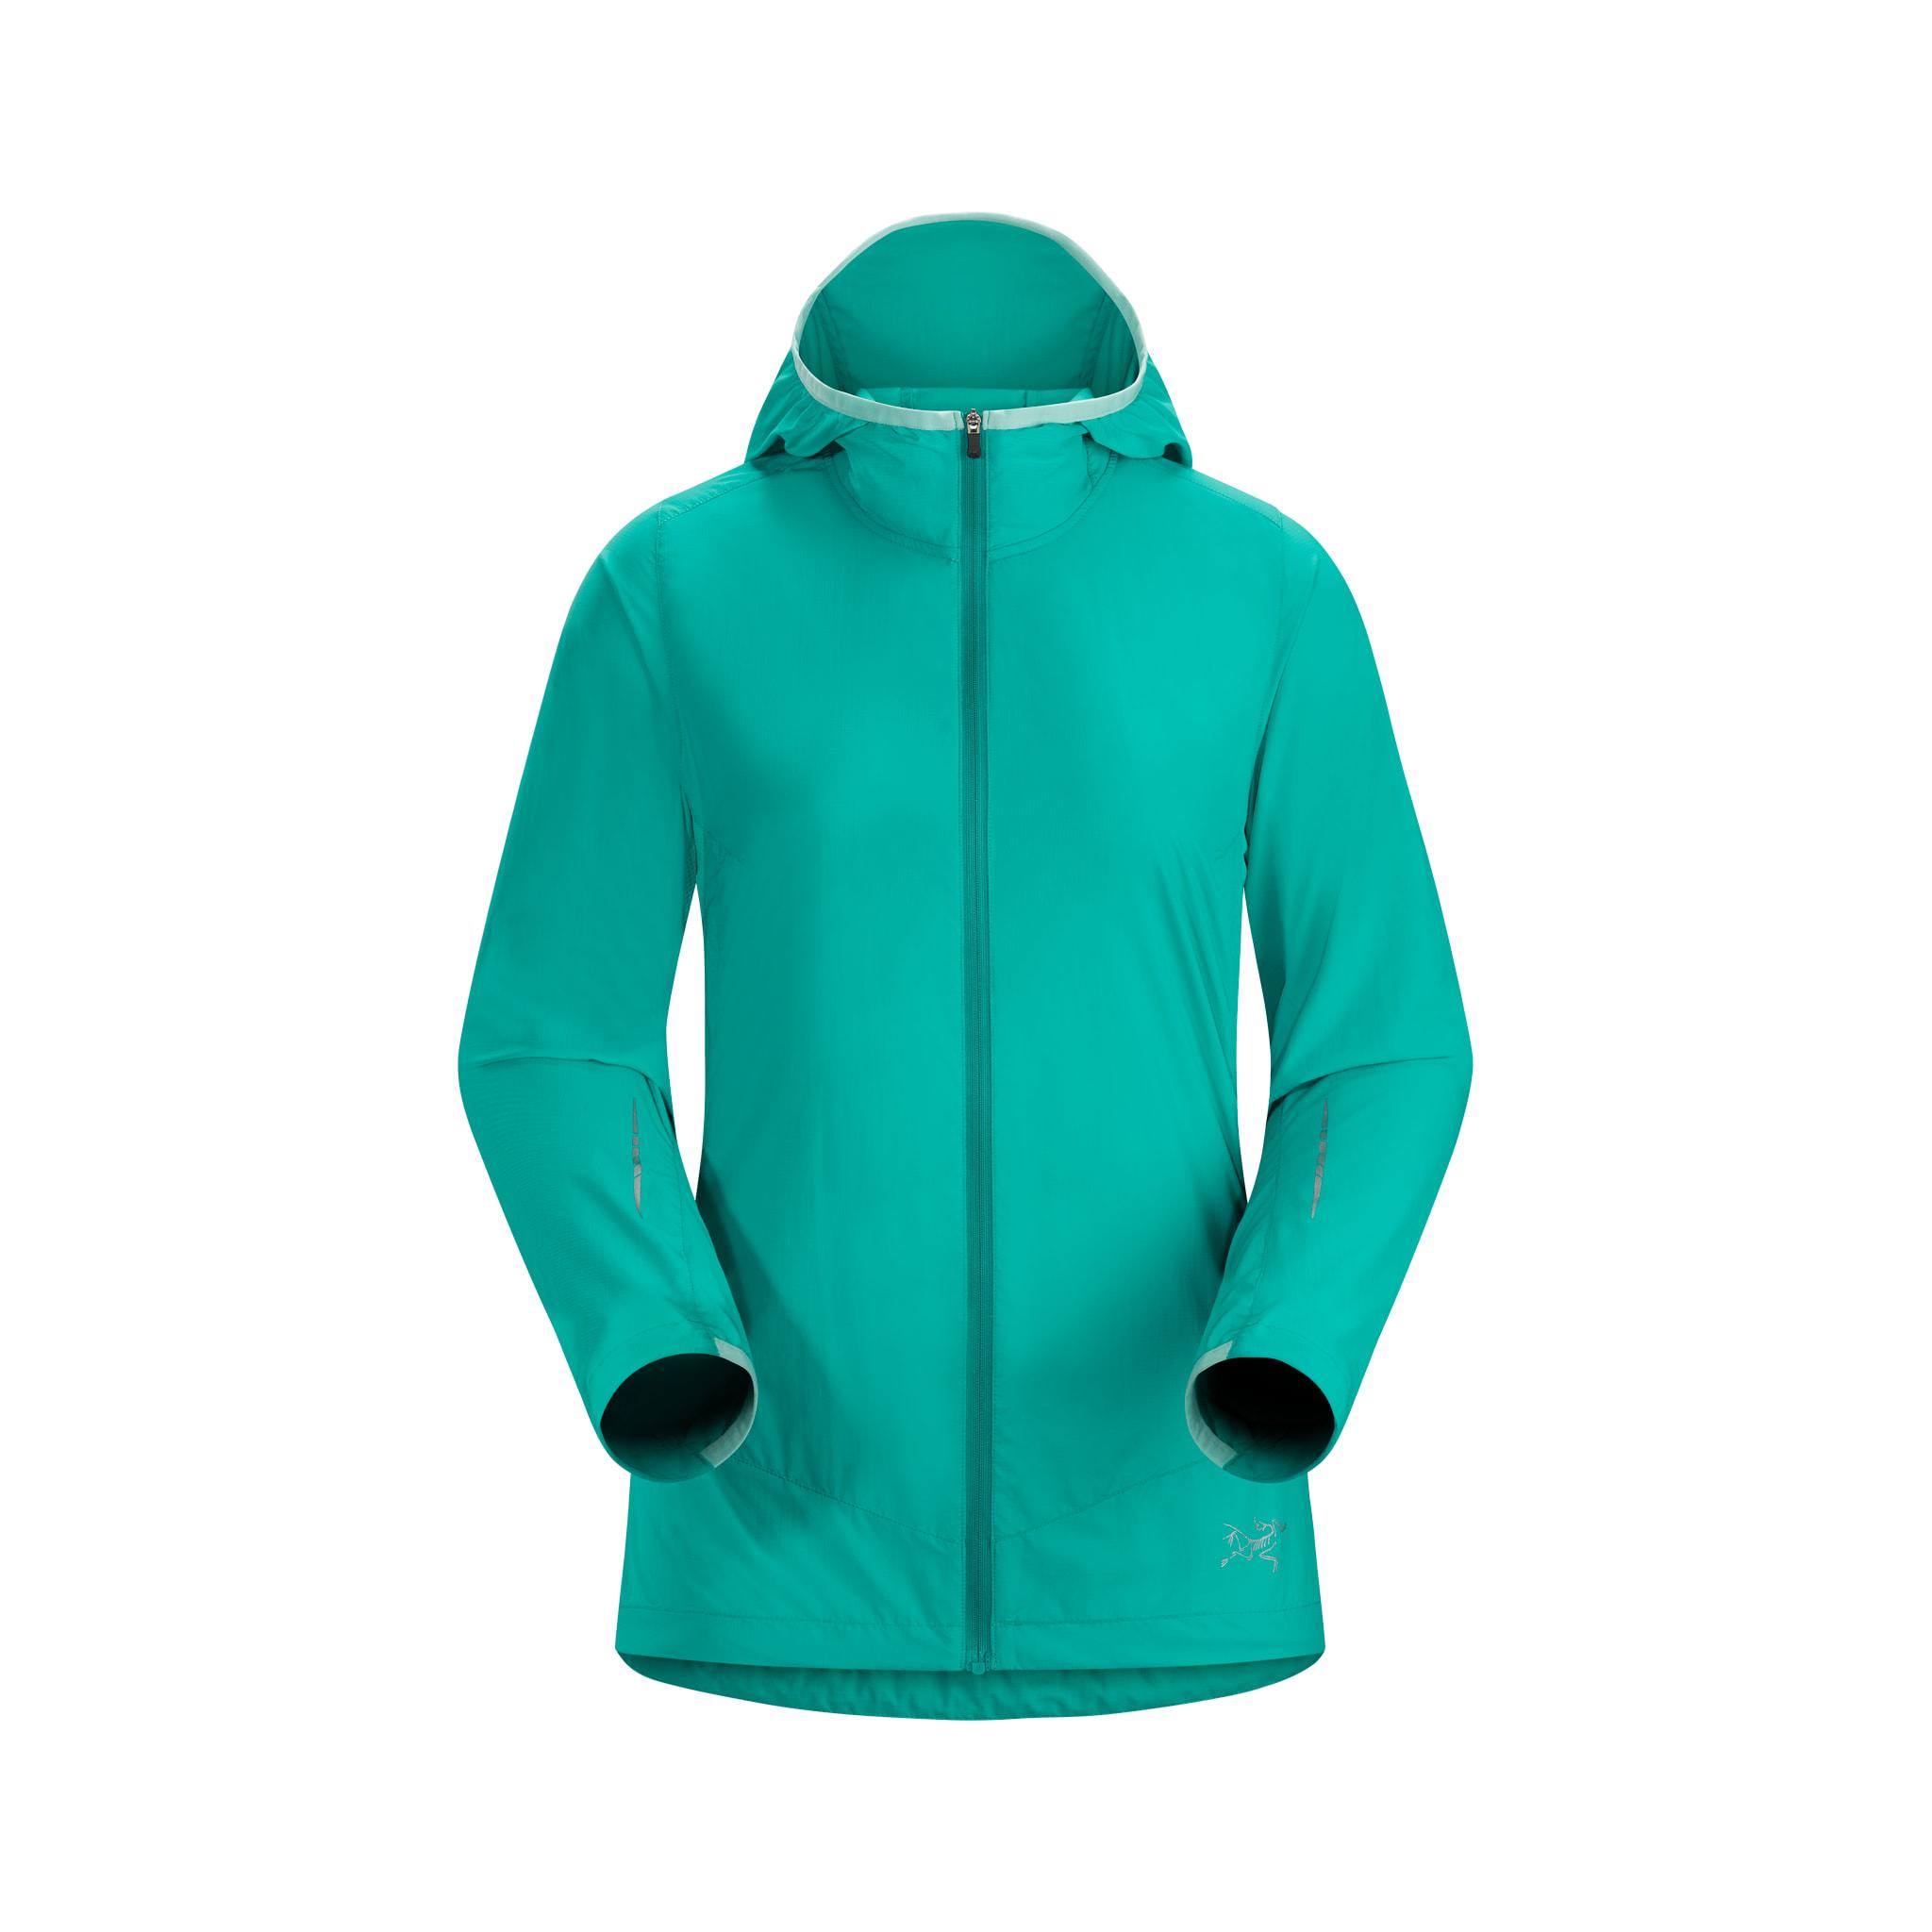 Lett, pakkvennlig og minimalistisk hettejakke for høyintensiv trening i fjell og skog